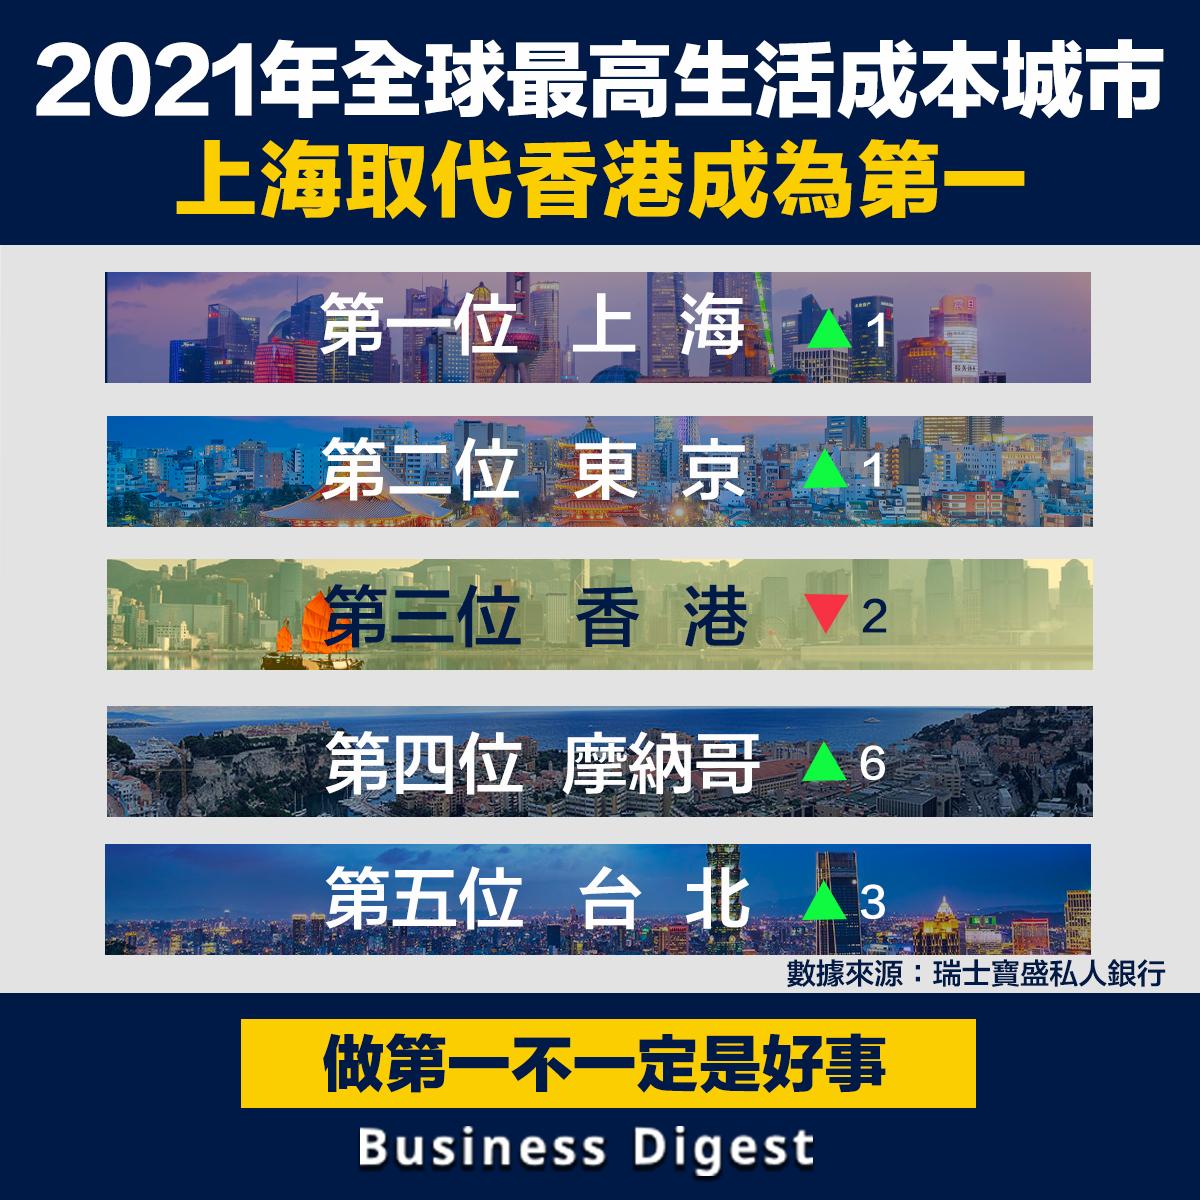 2021年全球最高生活成本城市,上海取代香港成為第一